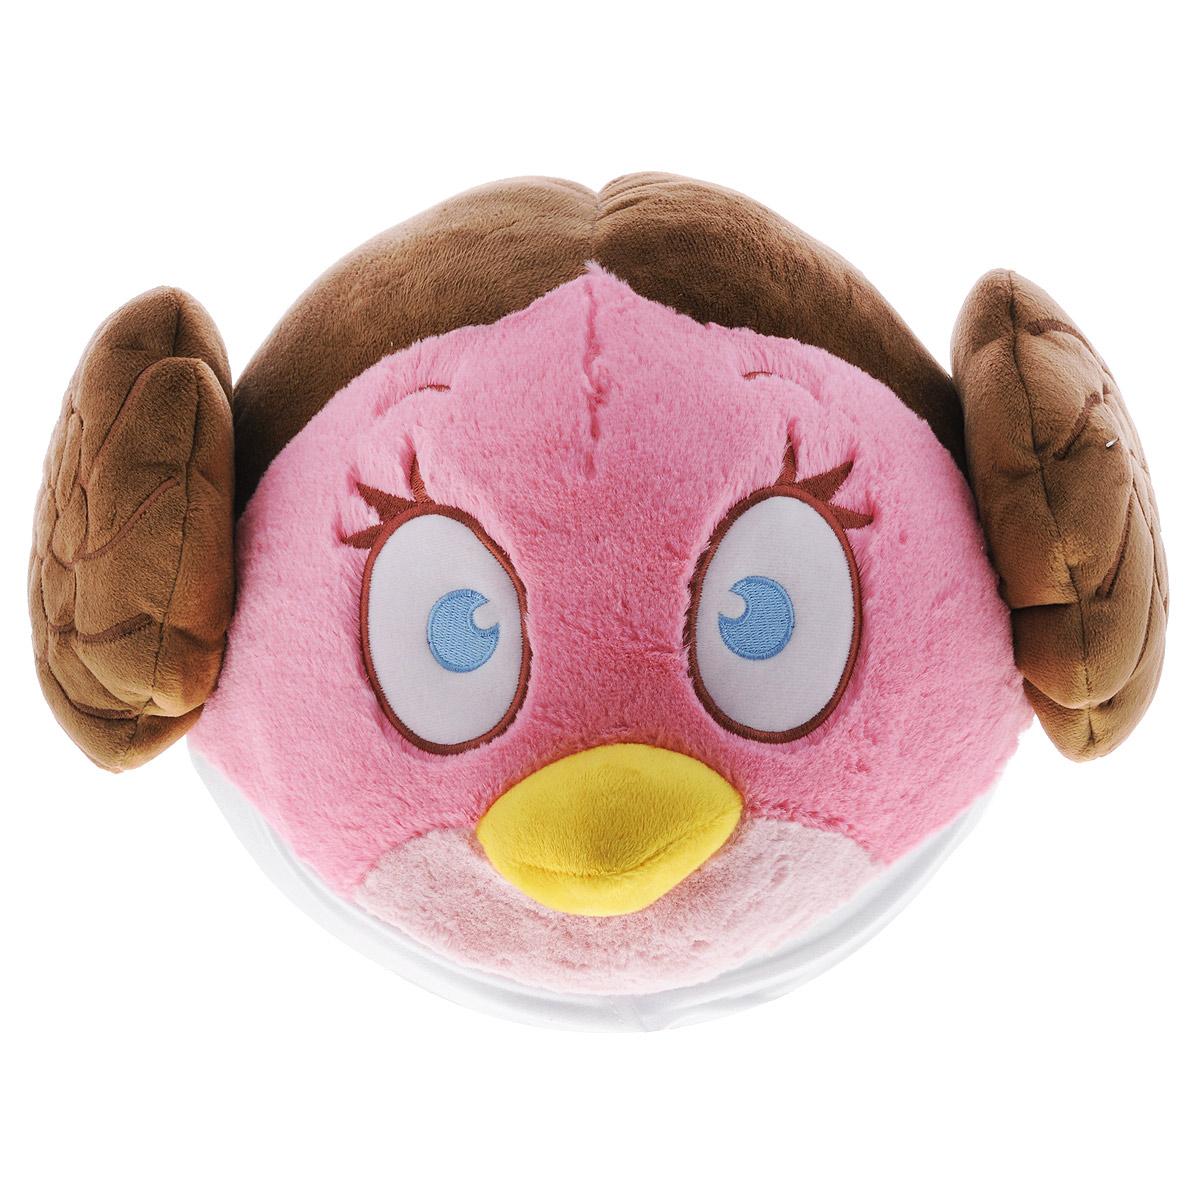 Мягкая игрушка Angry Birds Star Wars Принцесса Лея, цвет: розовый, 25 см94065Мягкая игрушка Angry Birds Star Wars Принцесса Лея - плюшевая версия героини новой игры о приключениях Сердитых птиц. Розовая птица-девочка в роли принцессы Альдераана, несмотря на весь свой романтический образ, обязательно поможет вернуть свободу Галактике! Игрушка замечательно подойдет в качестве подарка как для детей, так и для взрослых.